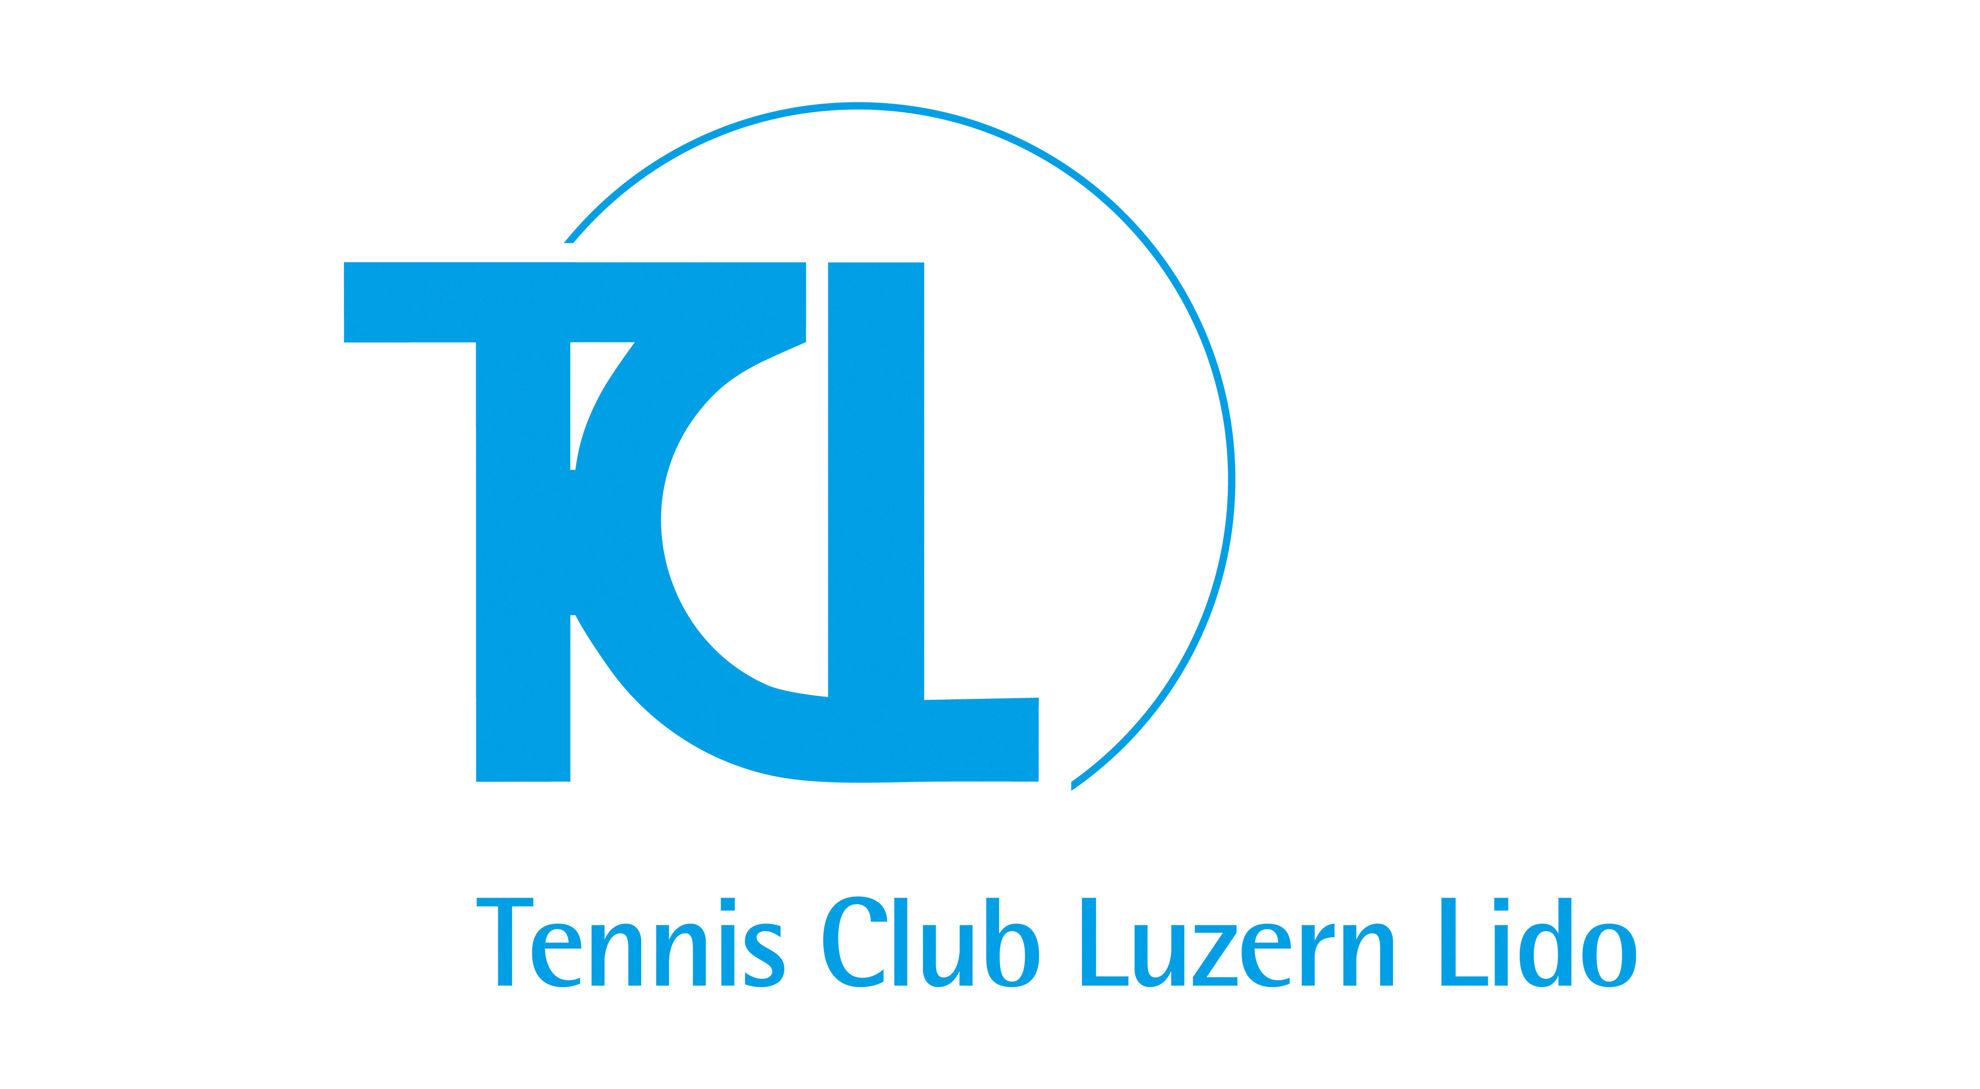 TC Lido Luzern